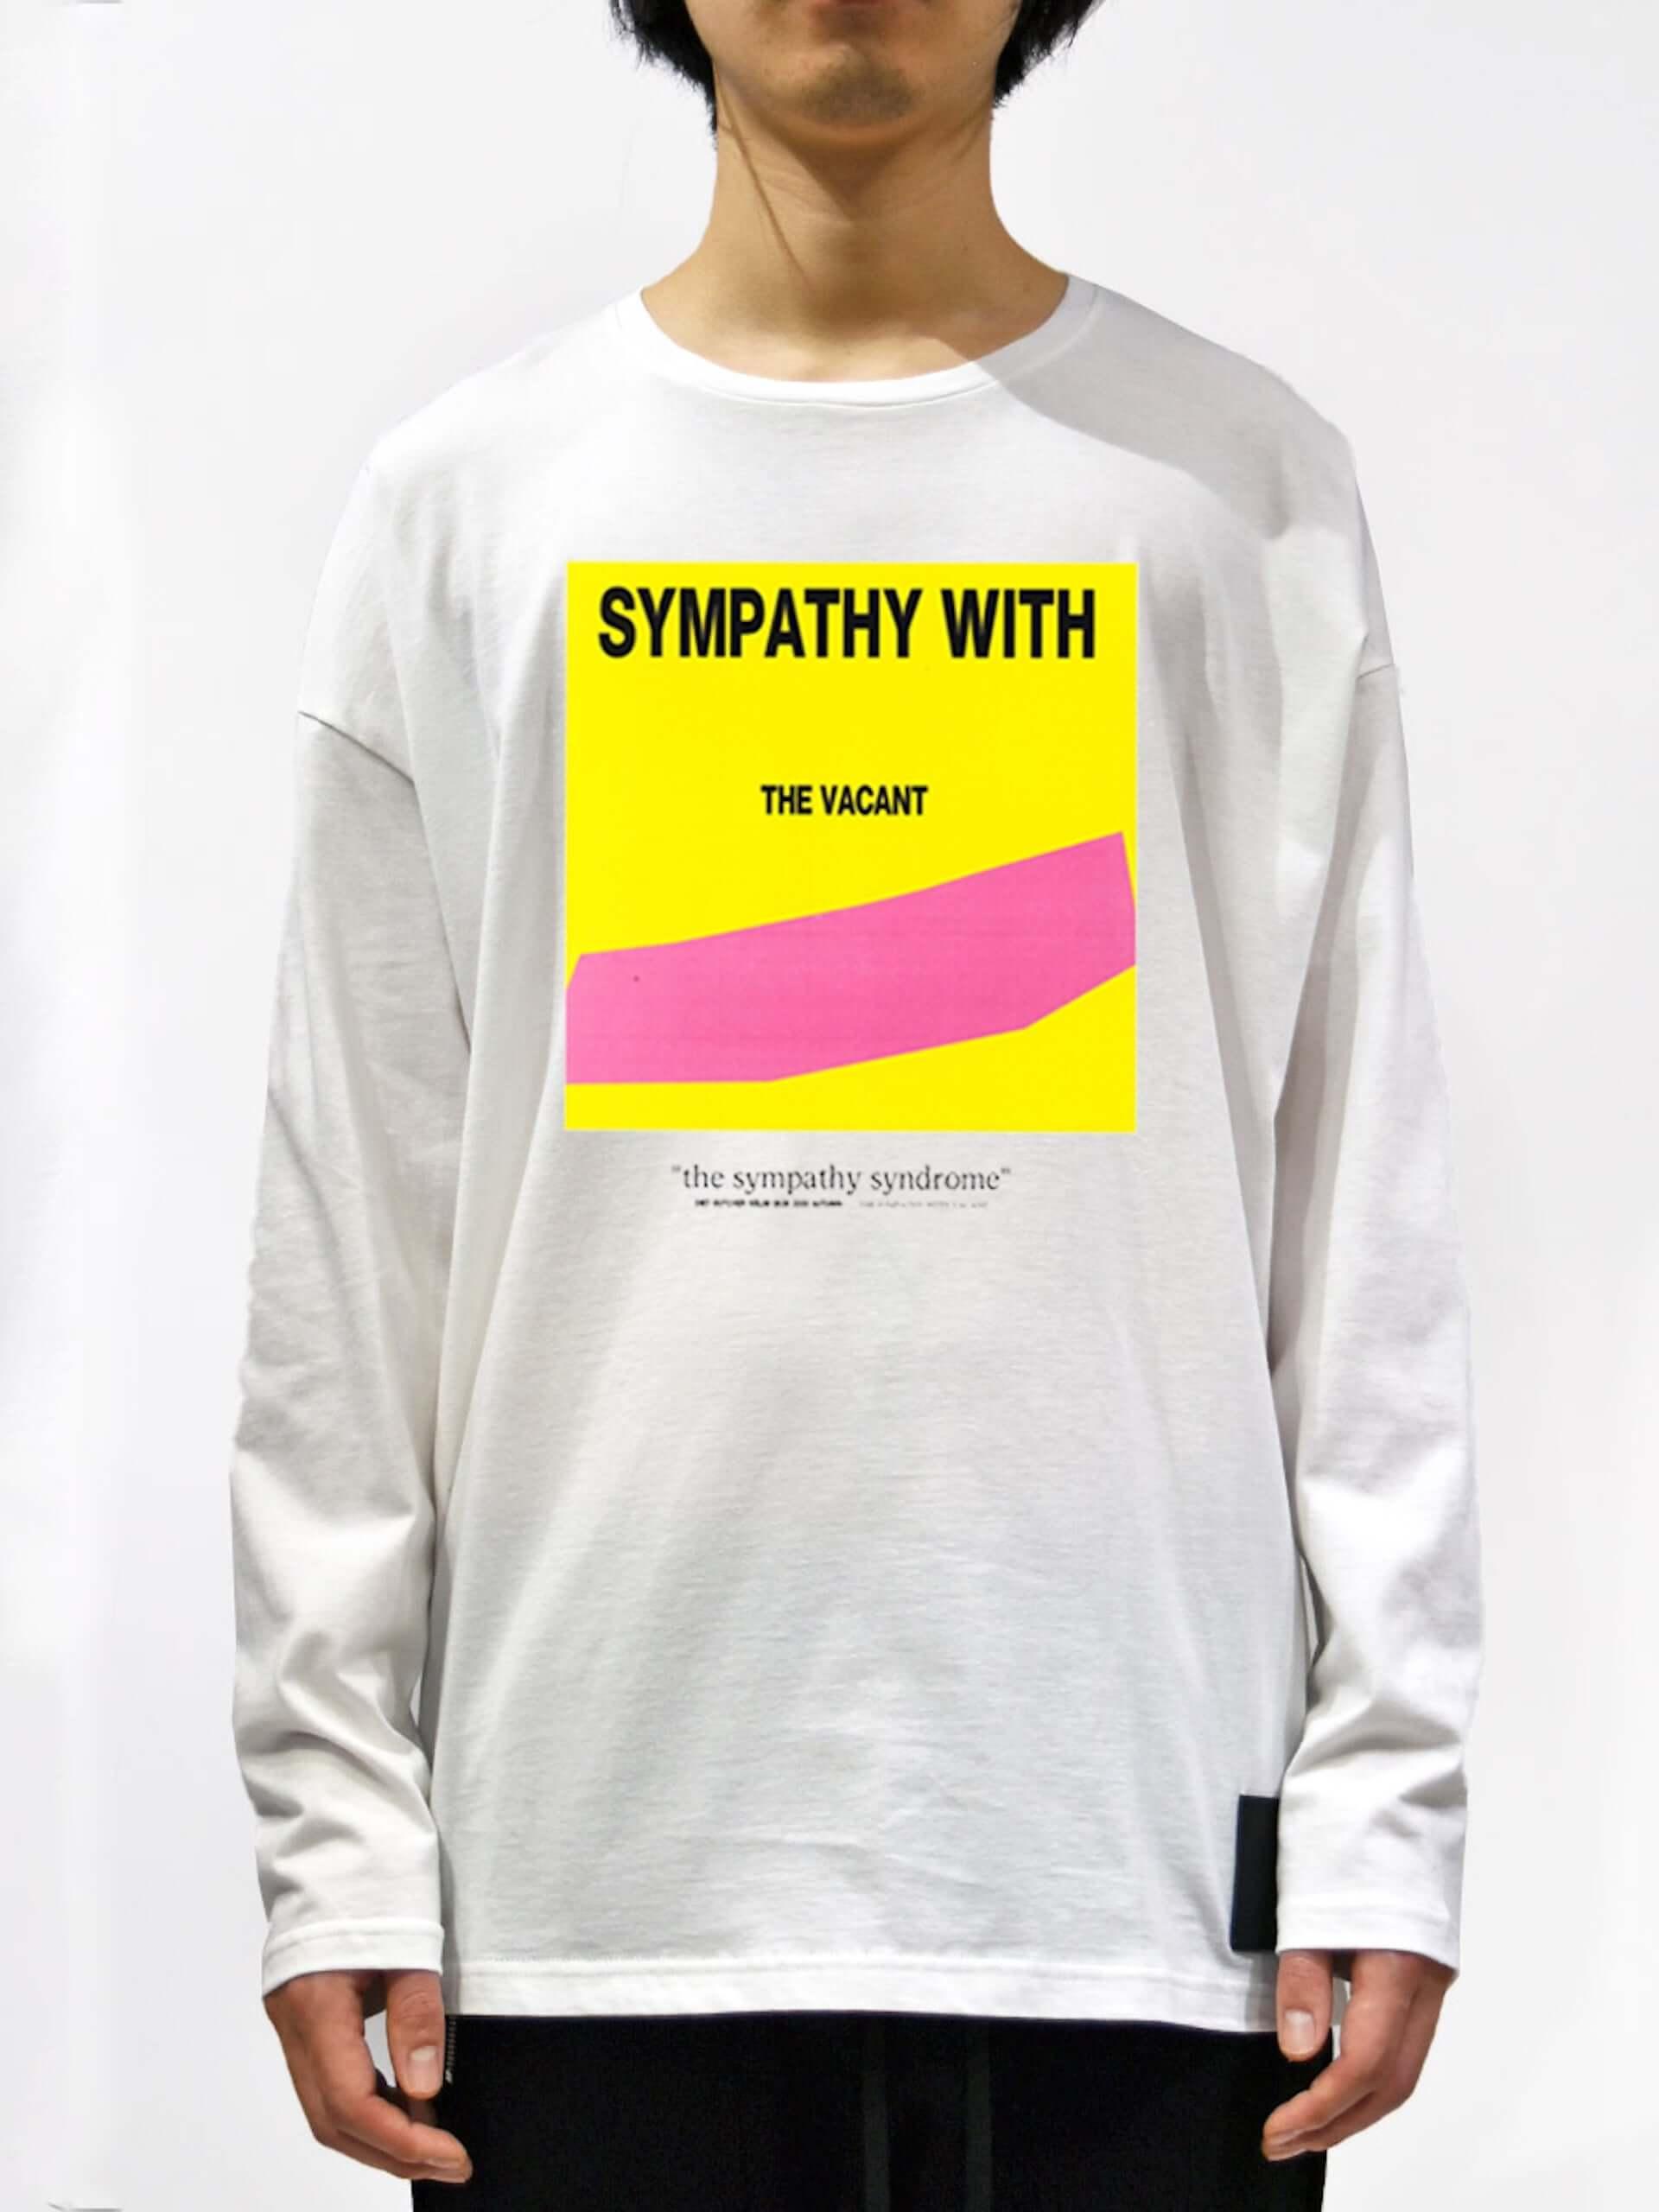 DIET BUTCHER SLIM SKINオンライン限定Tシャツに12種類のグラフィックが復刻!「GRAPHIC GALLERY」カテゴリがオープン 200415_graphic_gallery_19-1920x2560